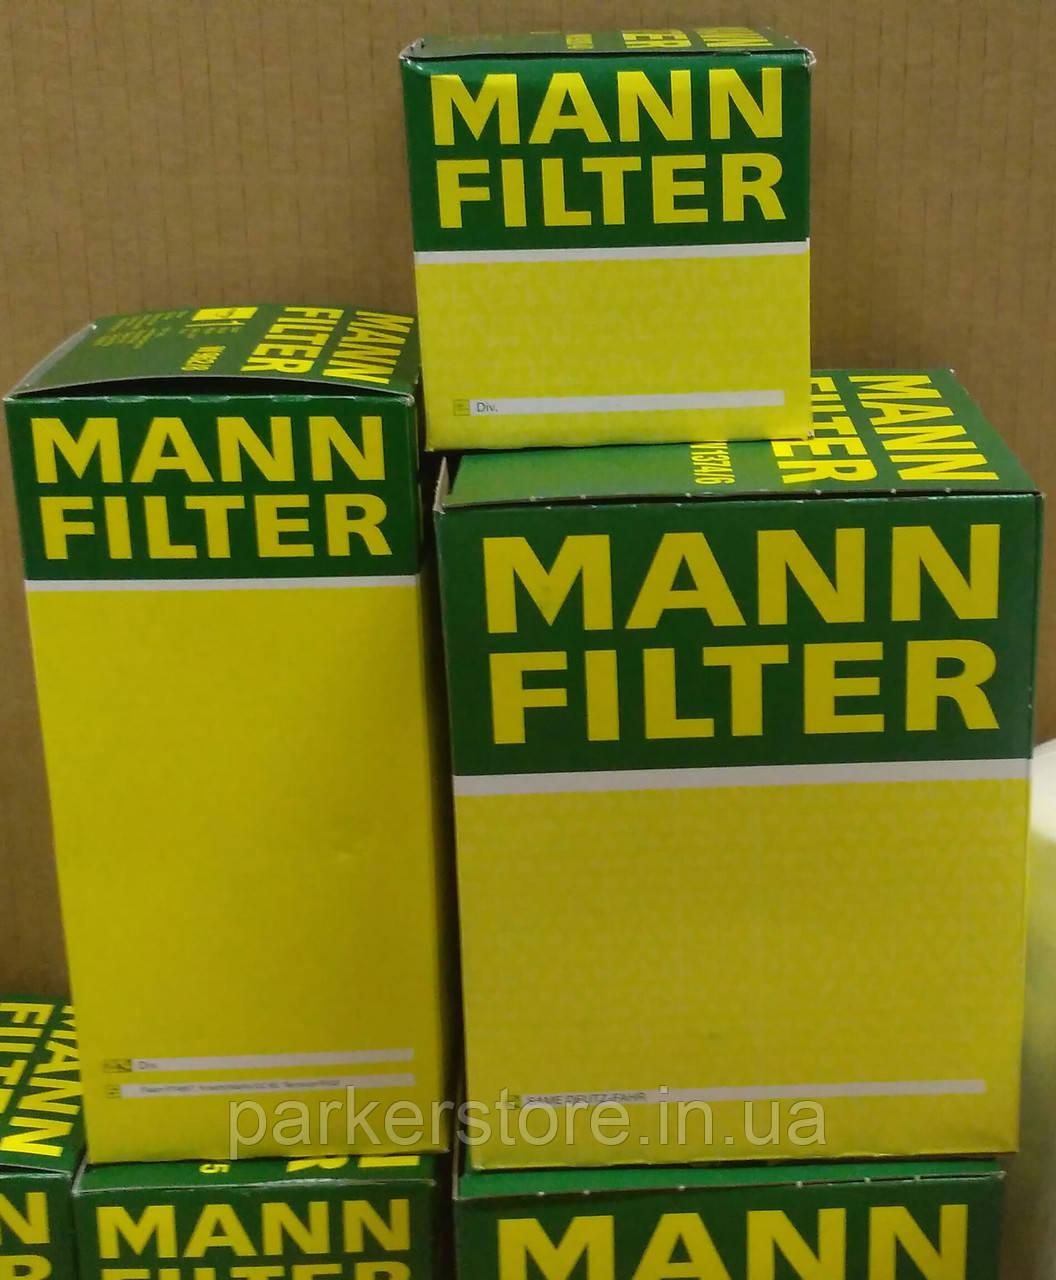 MANN FILTER / Воздушный фильтр / C 2440 / C2440